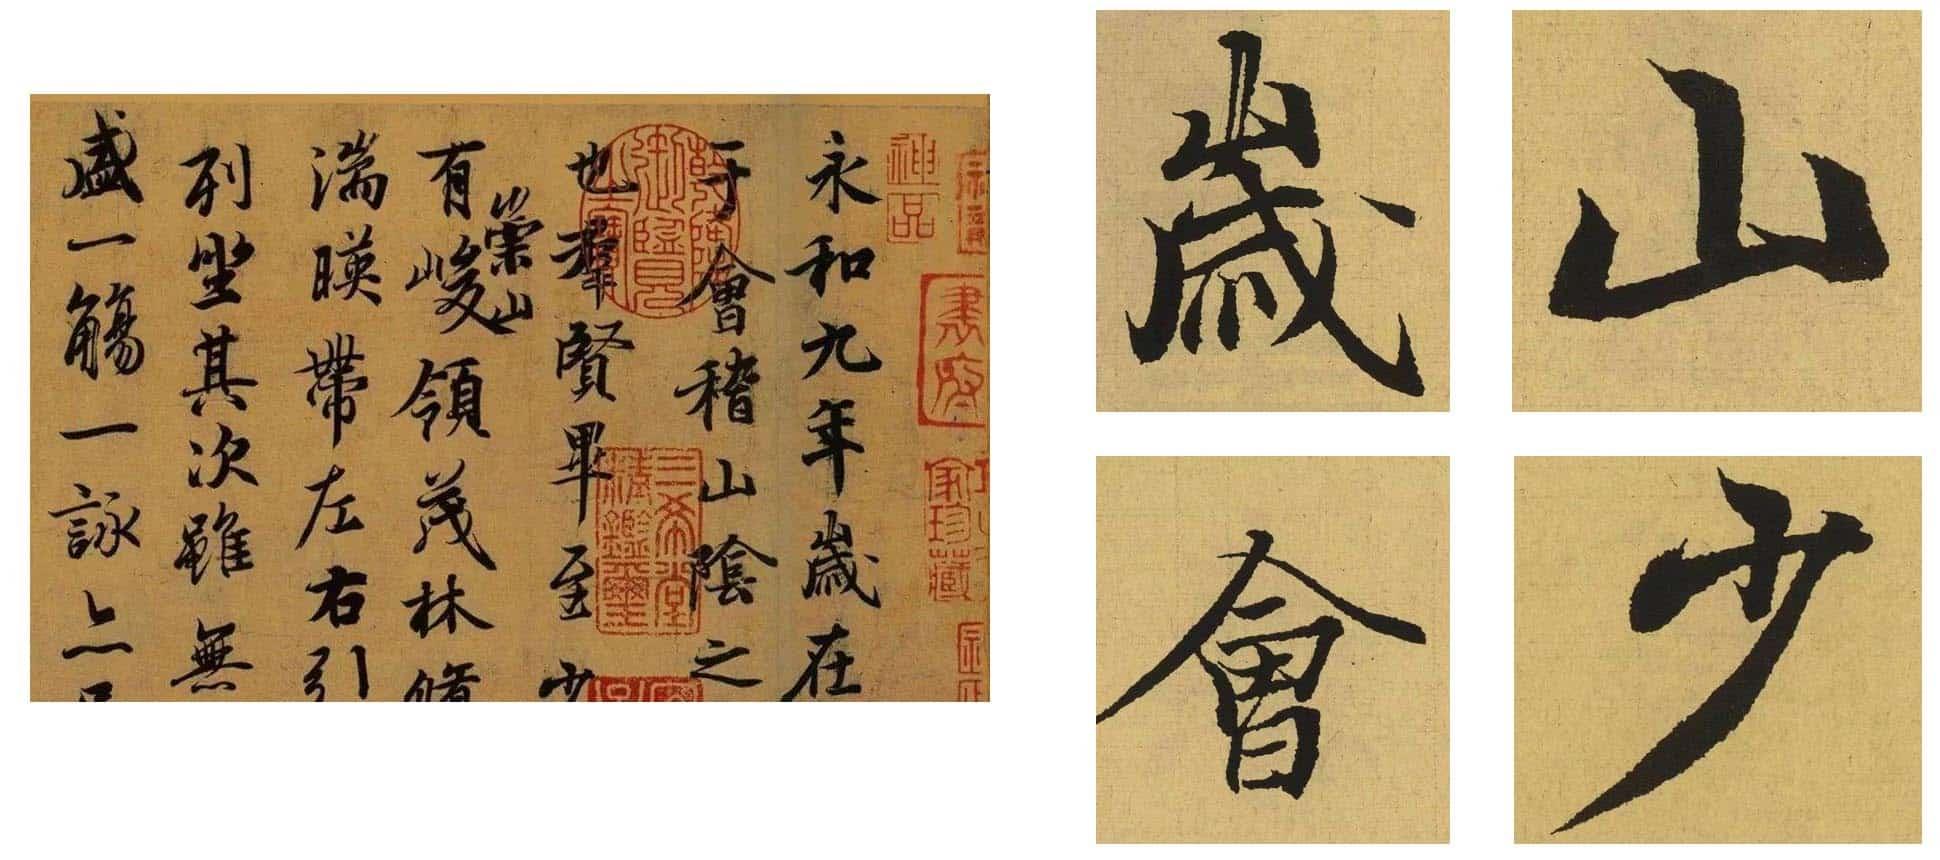 Semi cursive characters